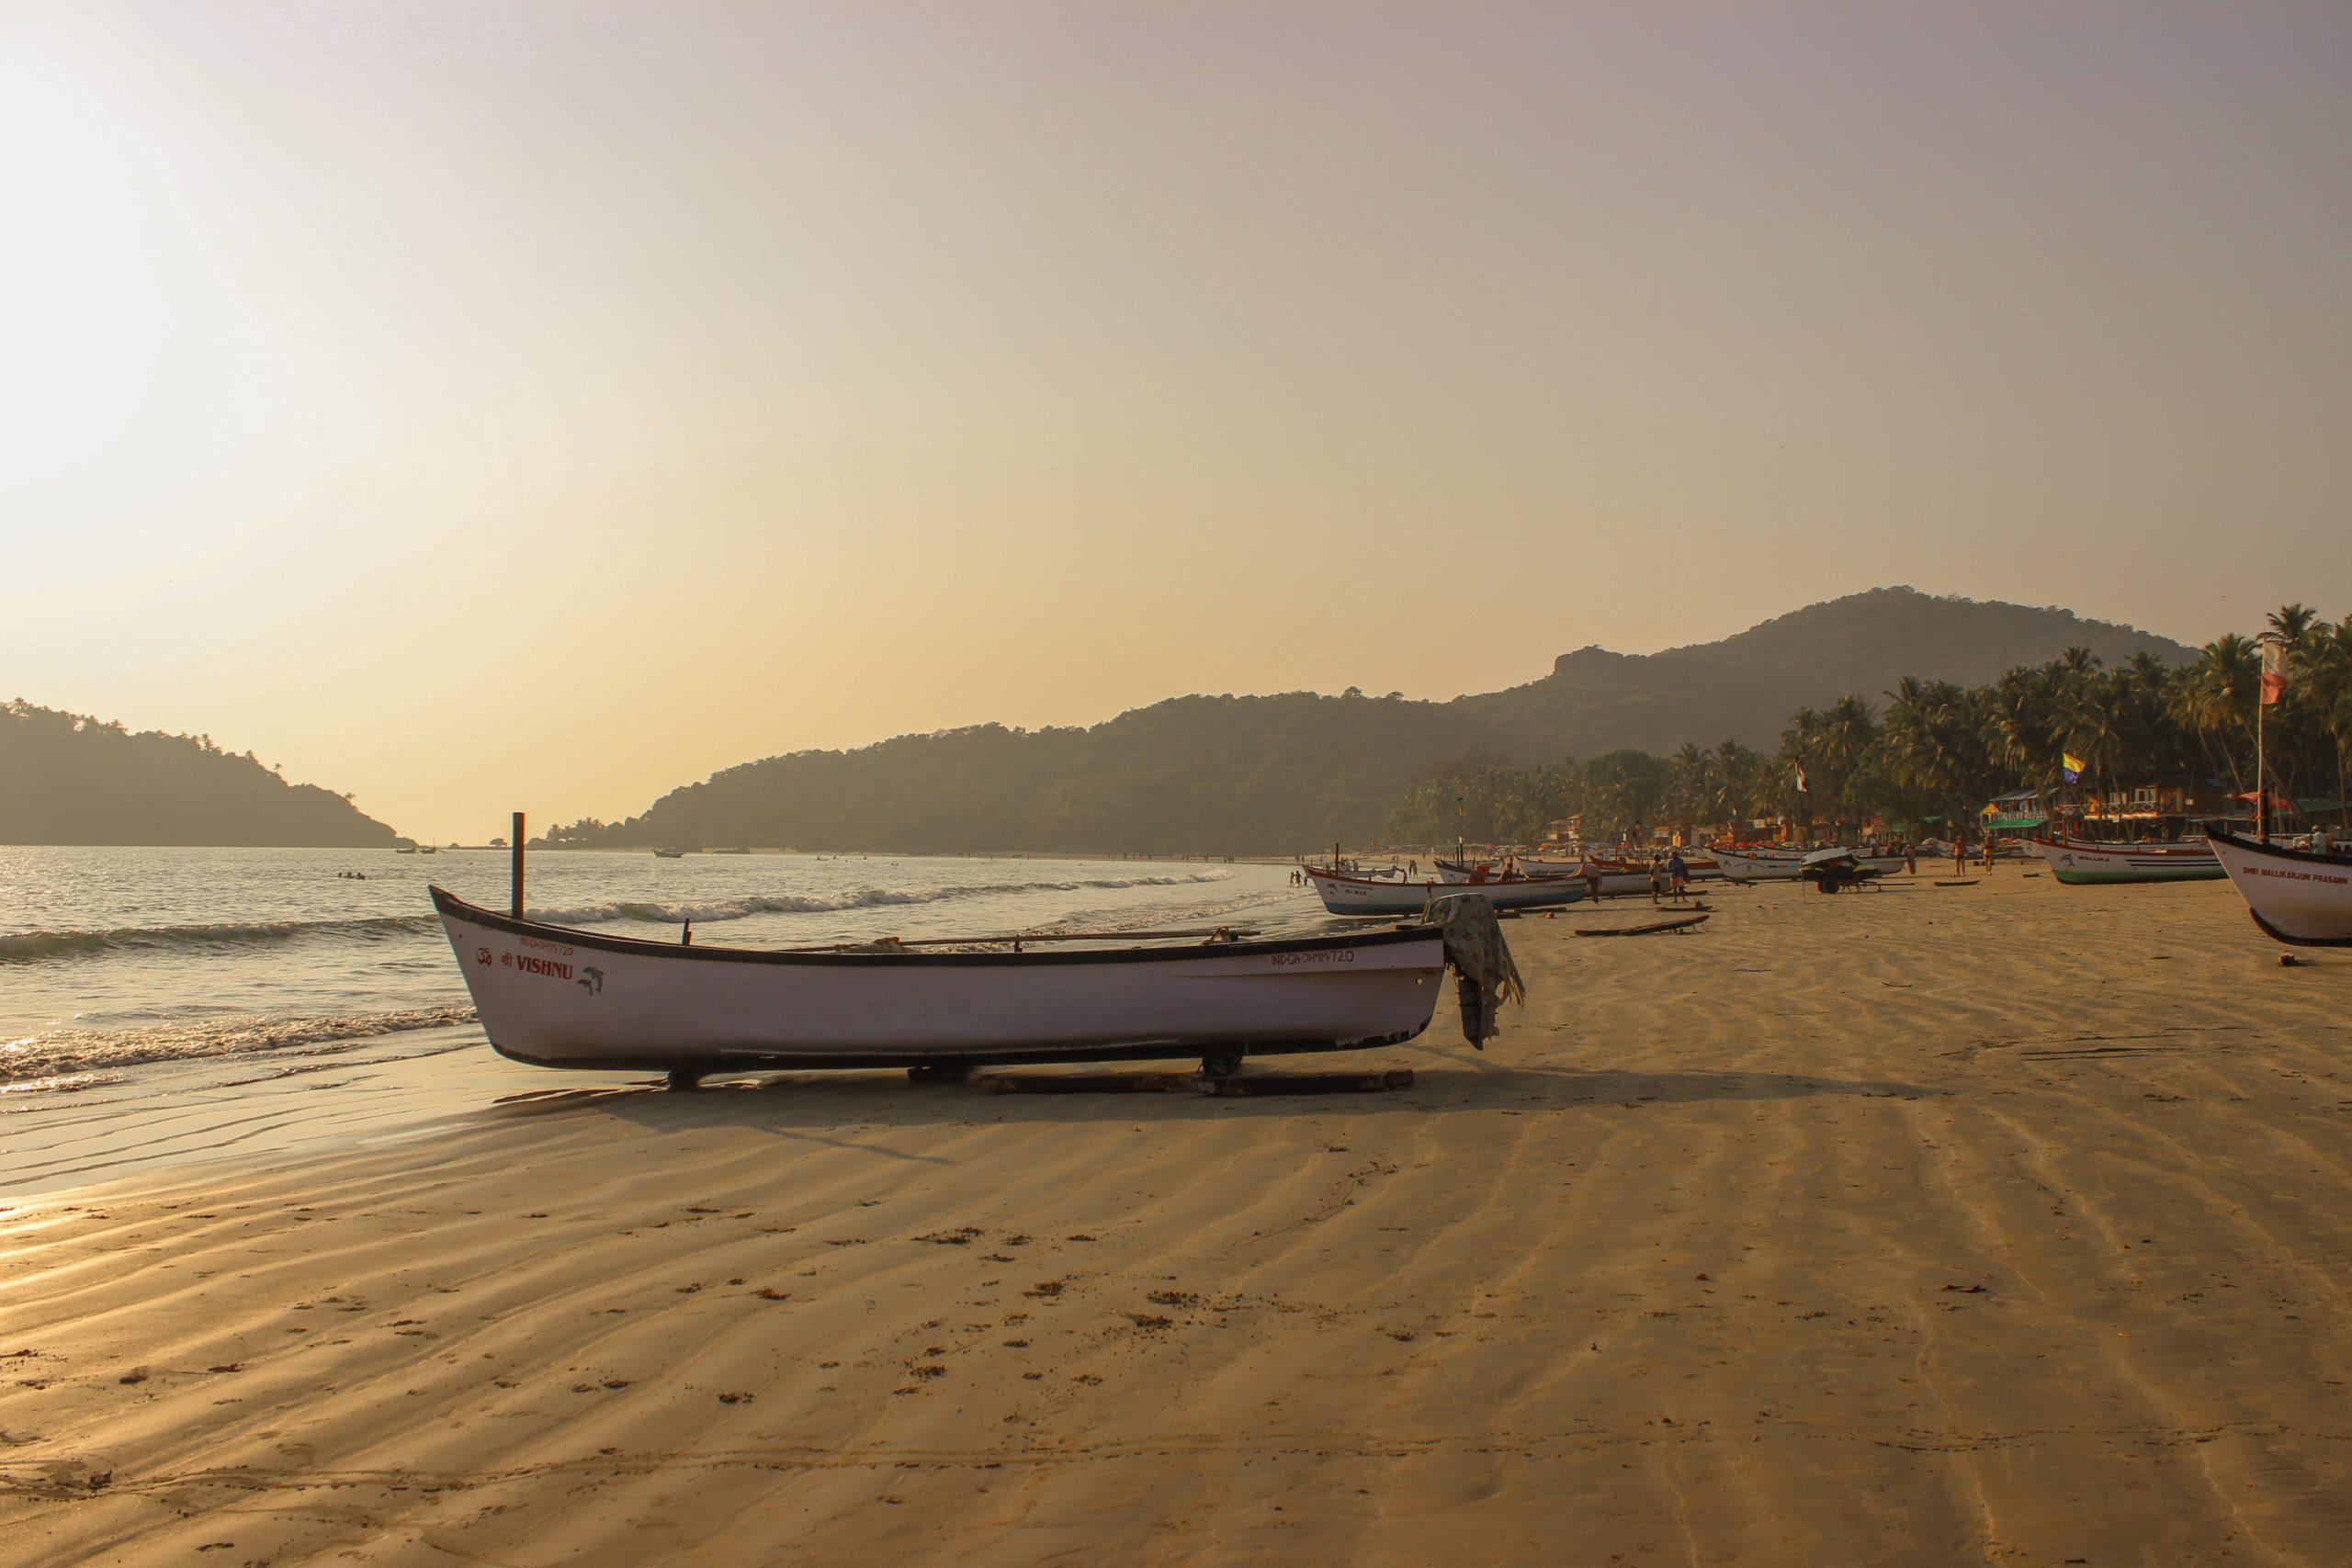 A boat at a beach